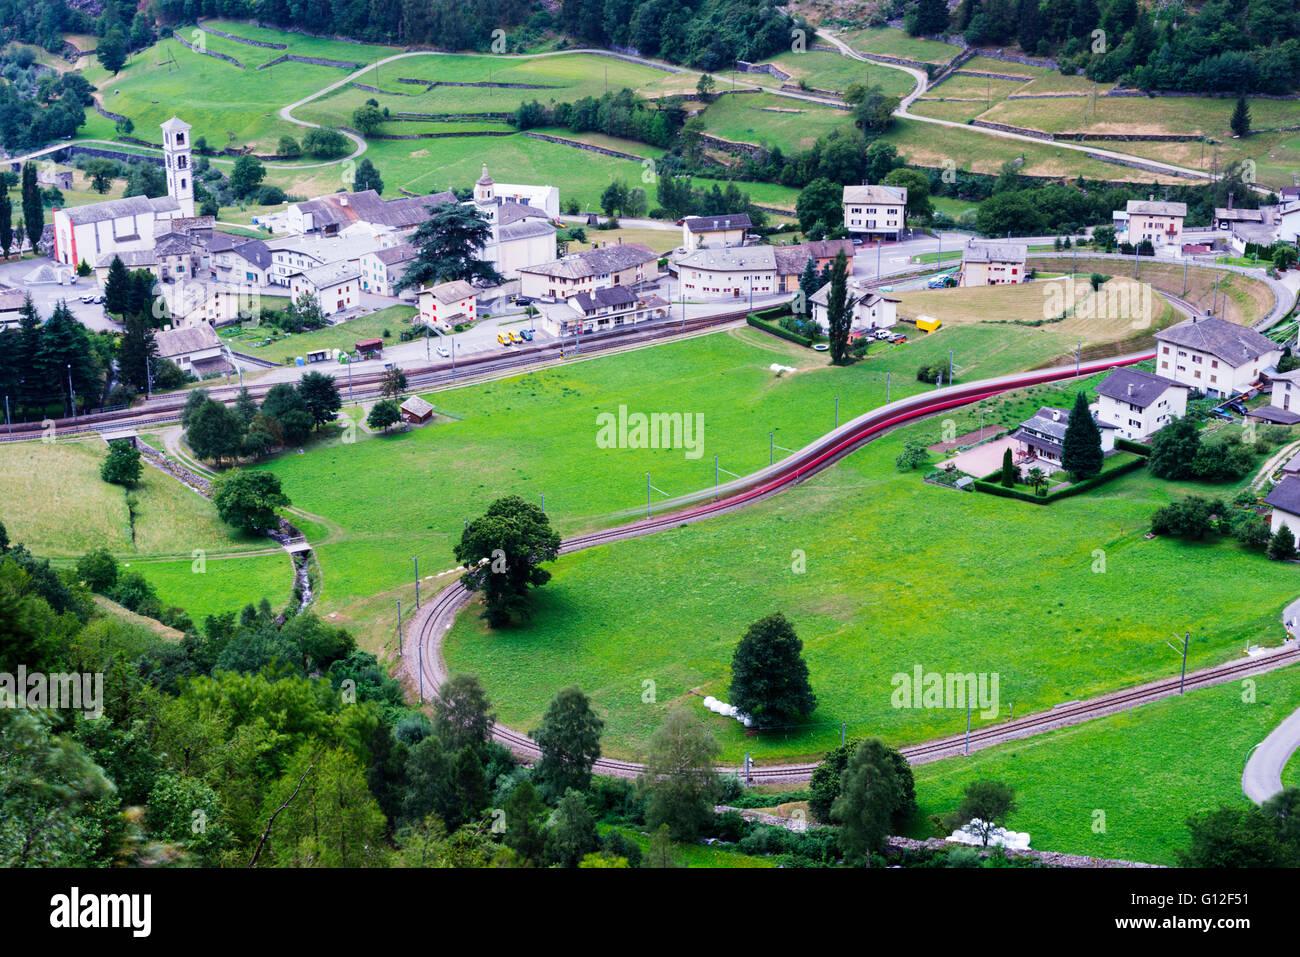 Europe, Switzerland, Graubunden, Val Poschiavo, Brusio, railway train line - Stock Image